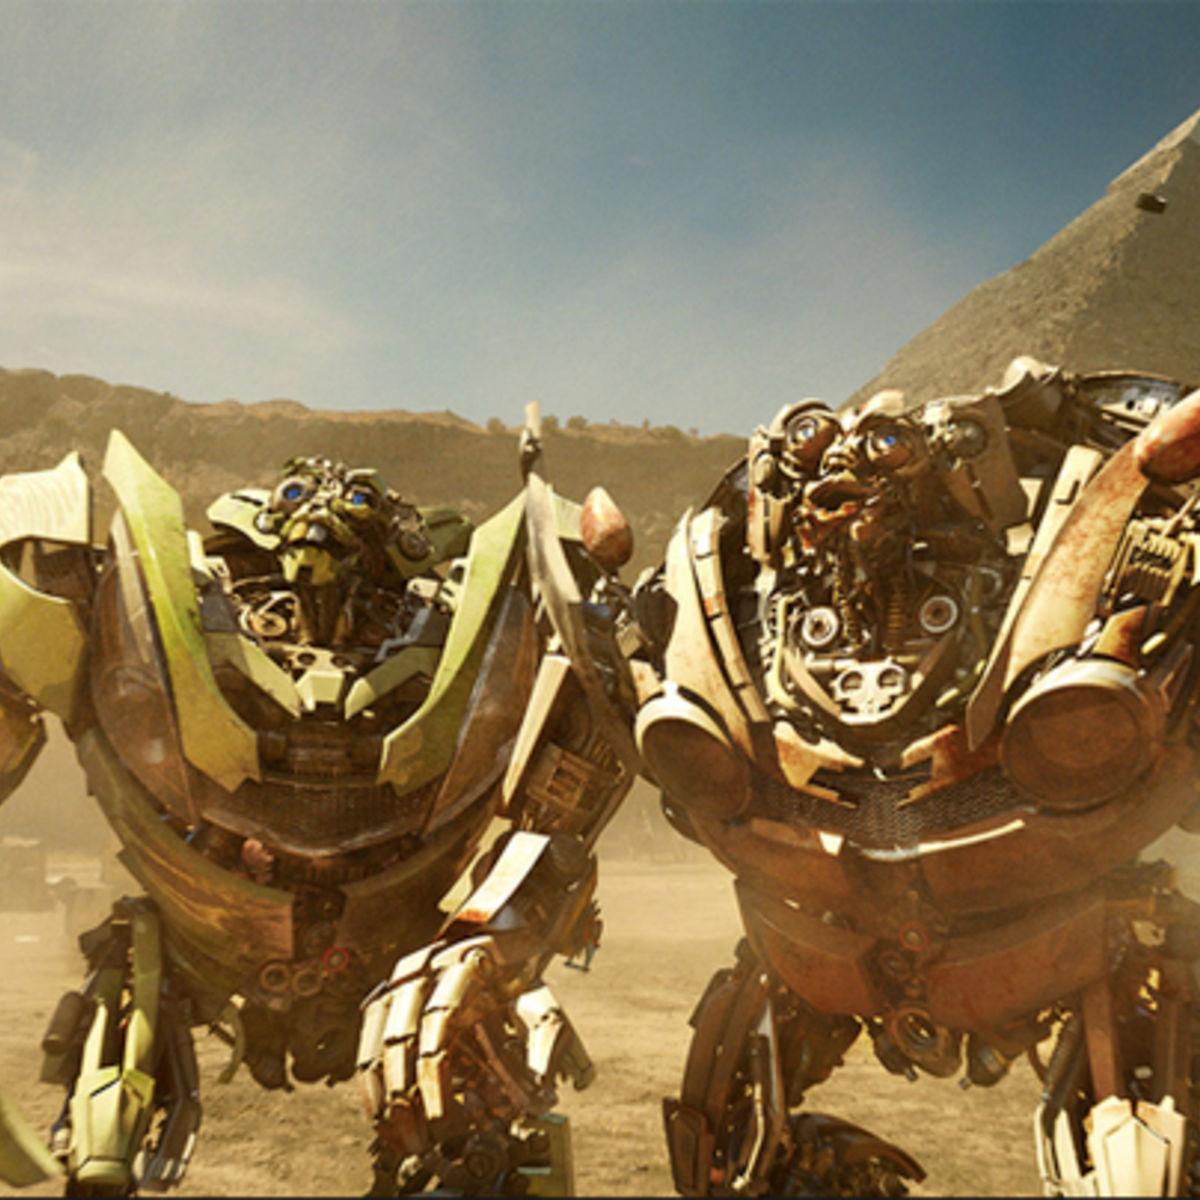 TransformersFallenReview3_1.jpg